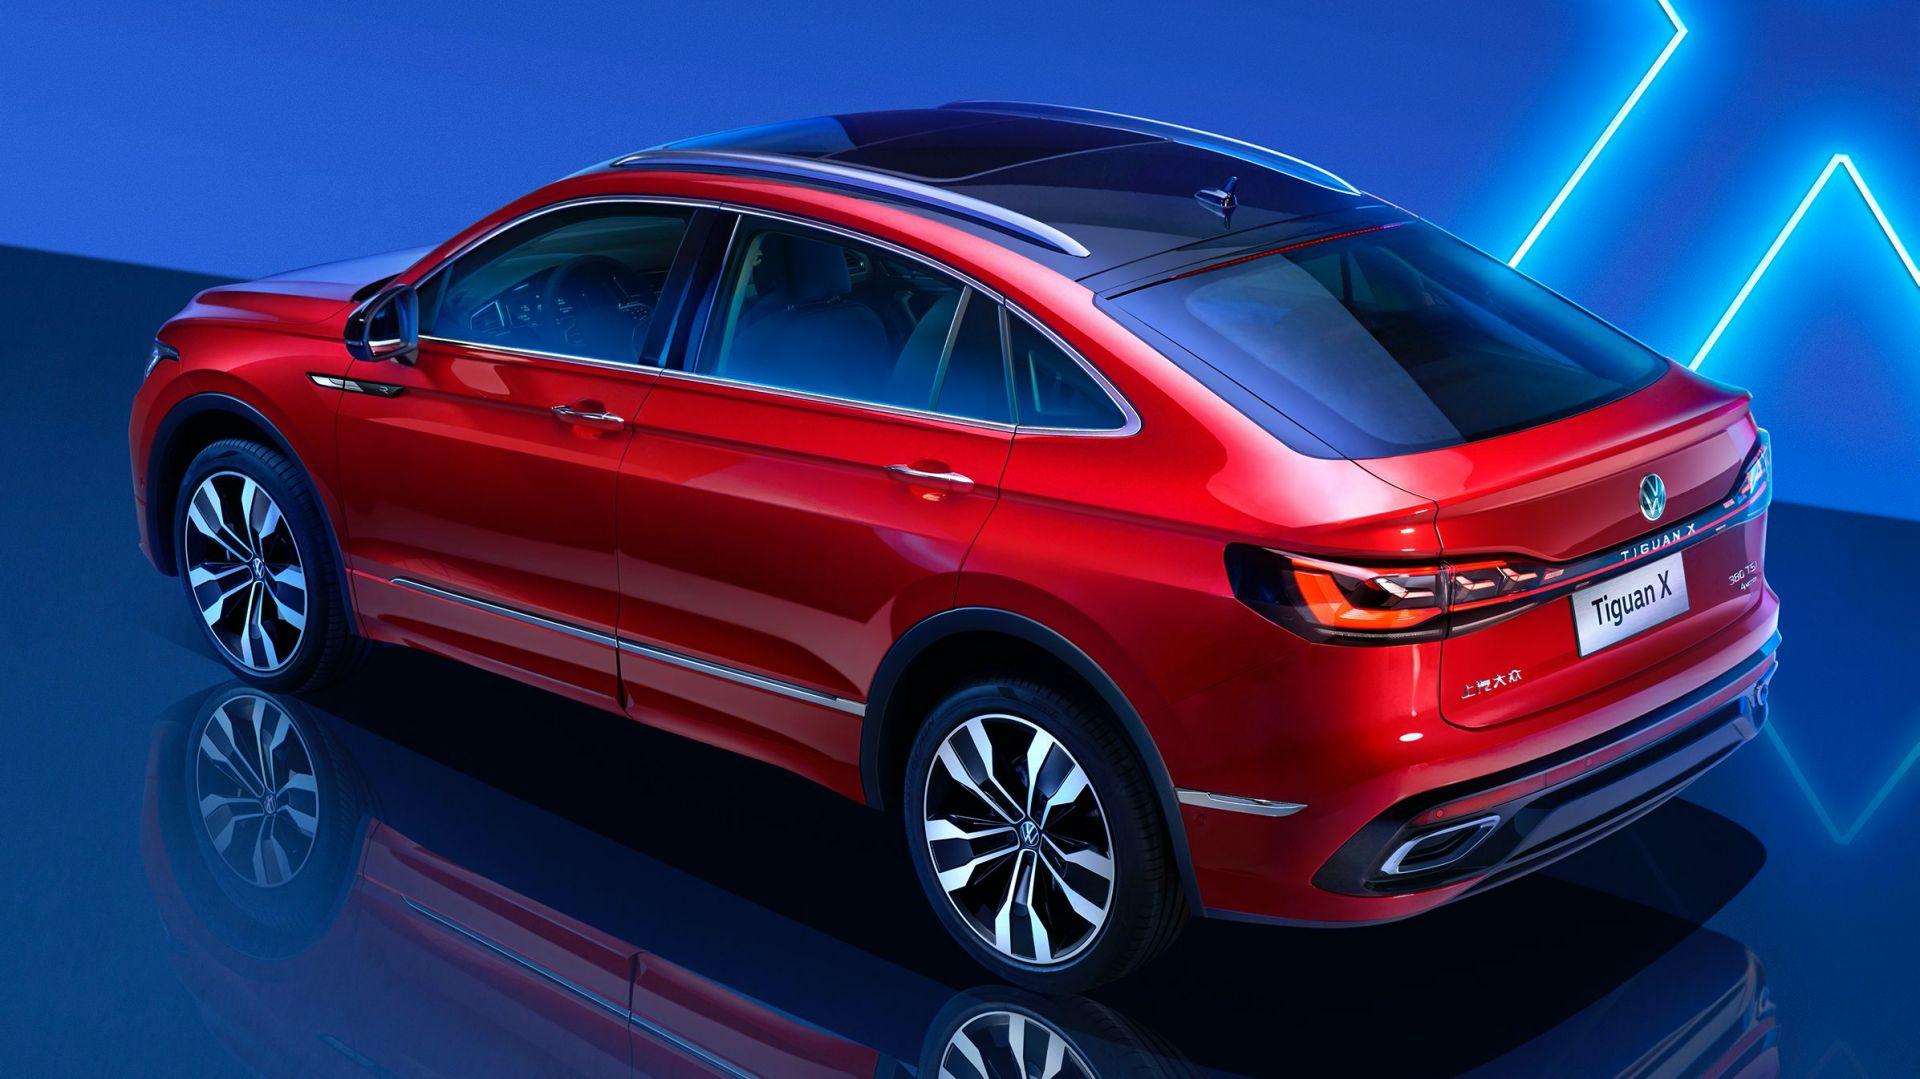 2021-Volkswagen-Tiguan-X-China-spec-6